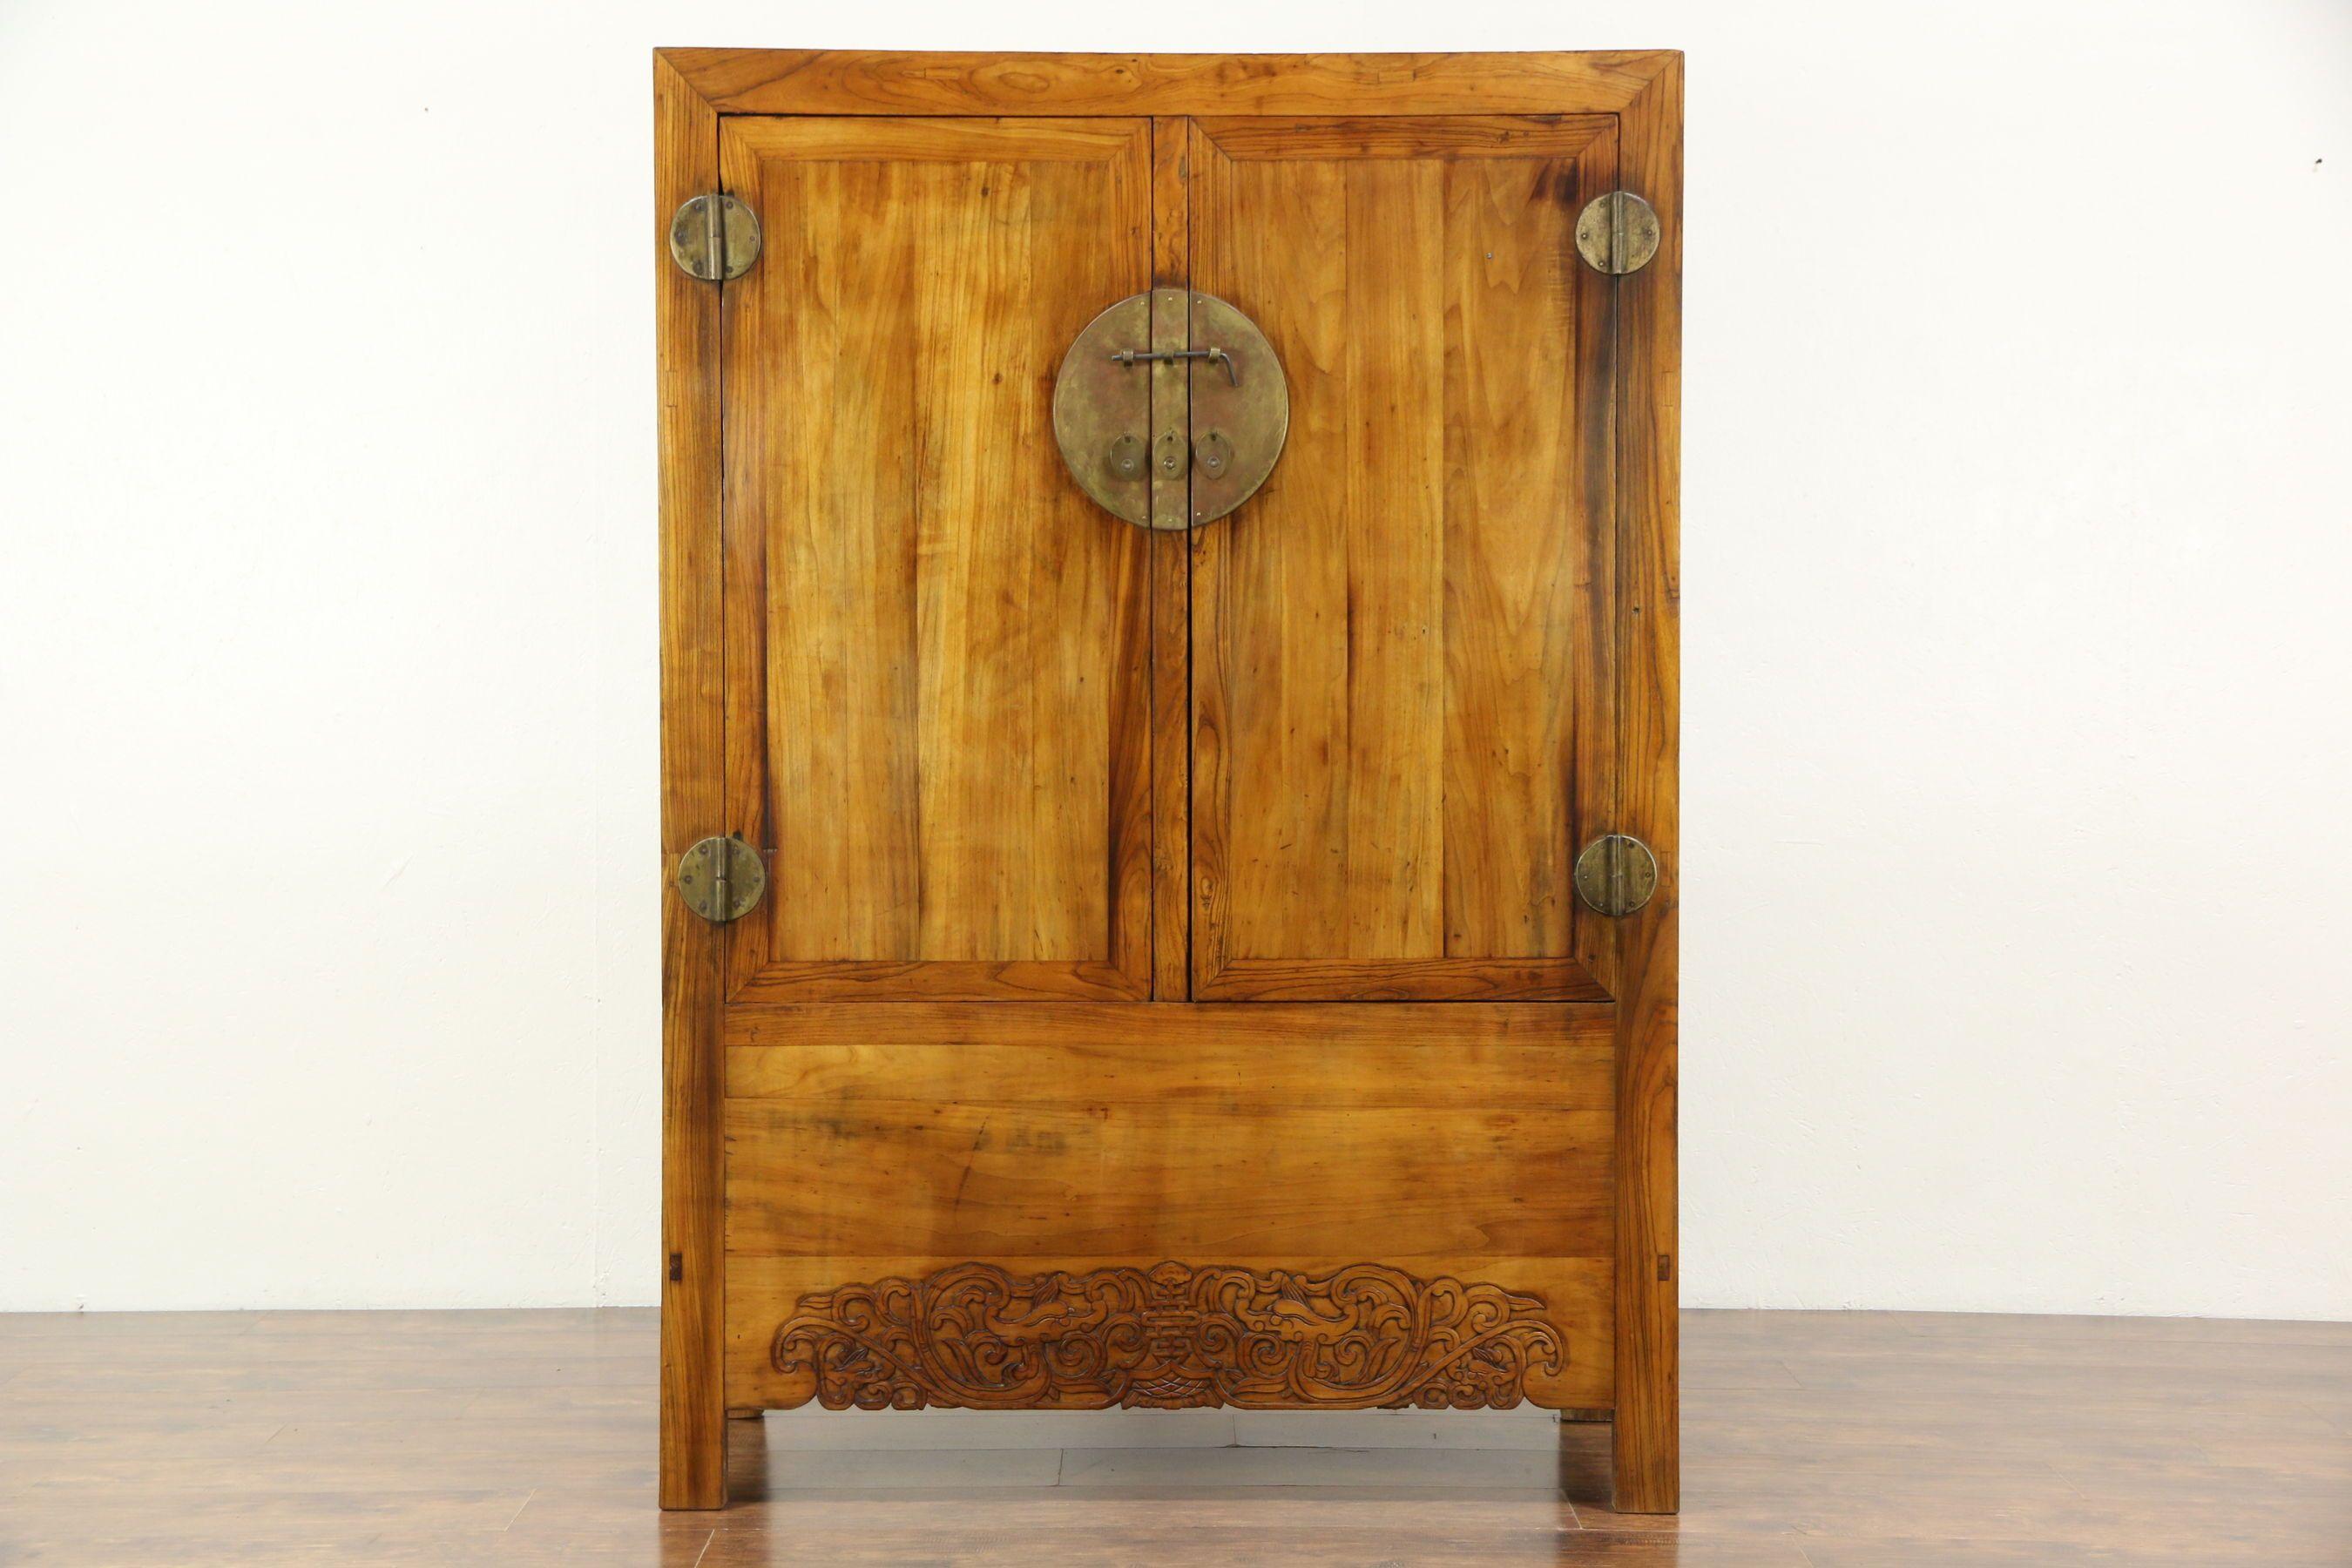 Antike Englische Cabinet Hardware Komplette Kabinett Resurfacing Mit Dem Cabinet Hardware Wenn Sie Verbrachte Zeit Und Schrankbeschlage Kuchenschrank Antike